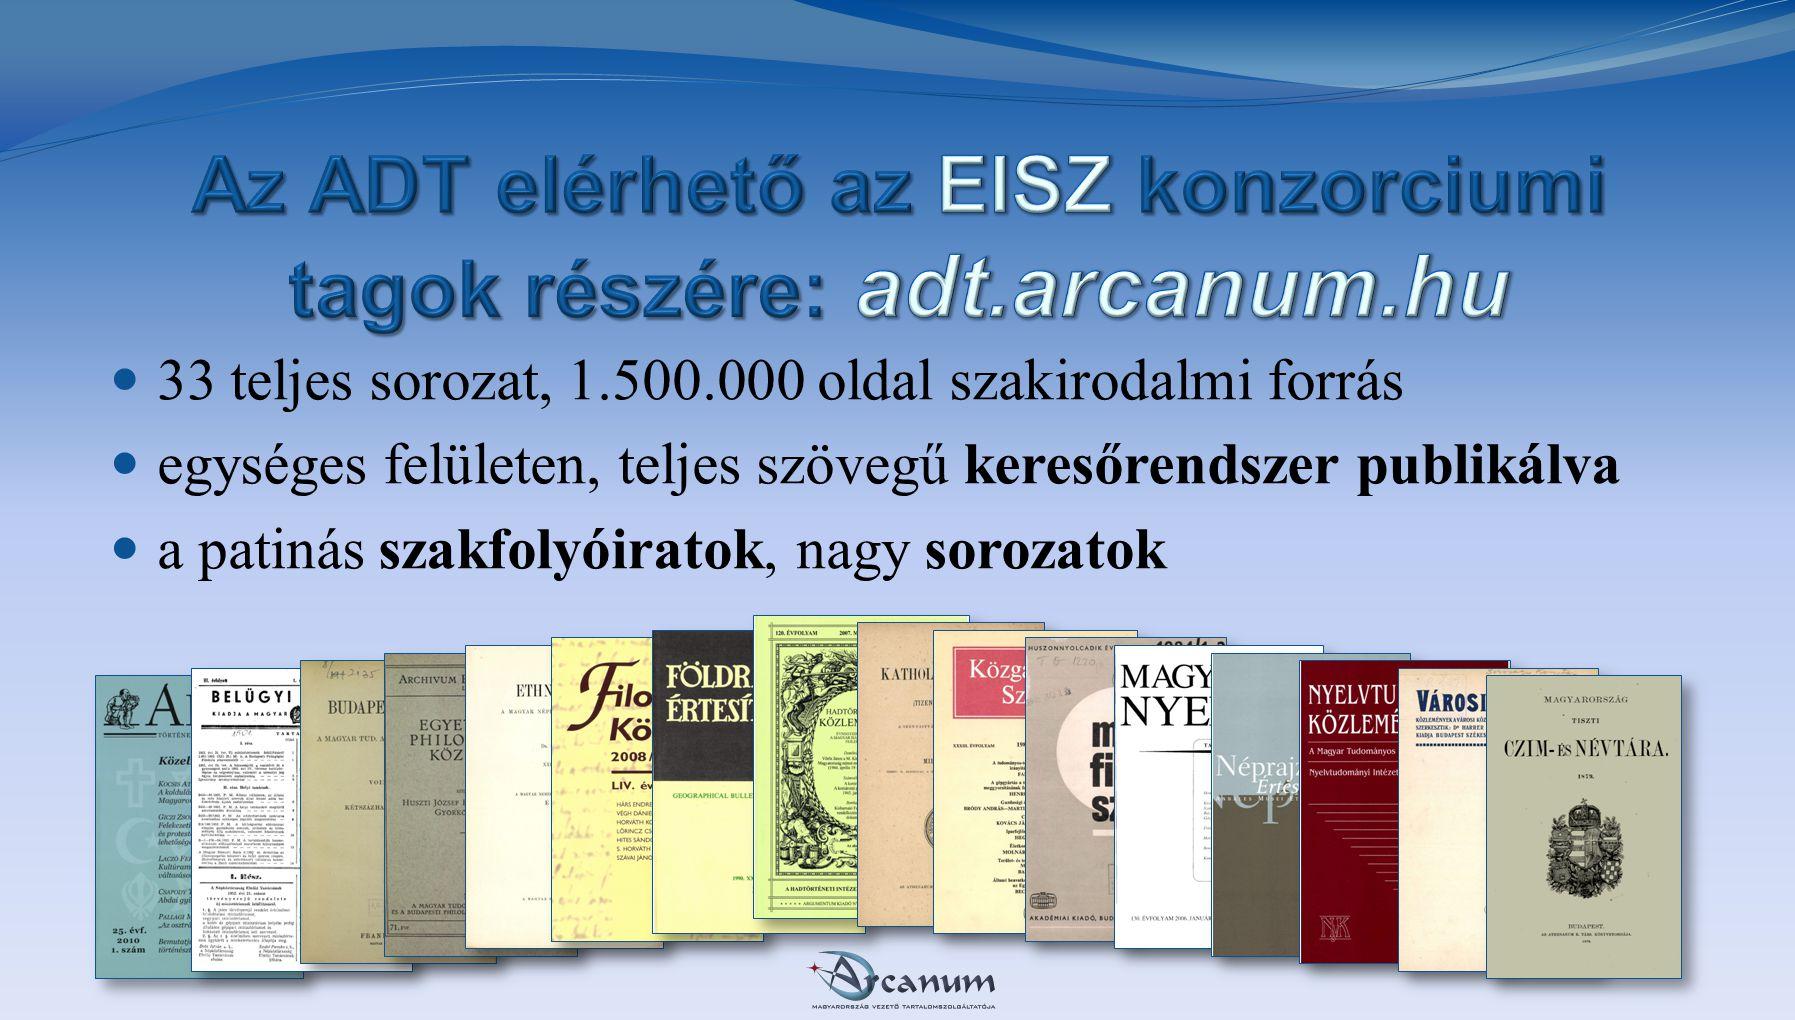 Az ADT elérhető az EISZ konzorciumi tagok részére: adt.arcanum.hu